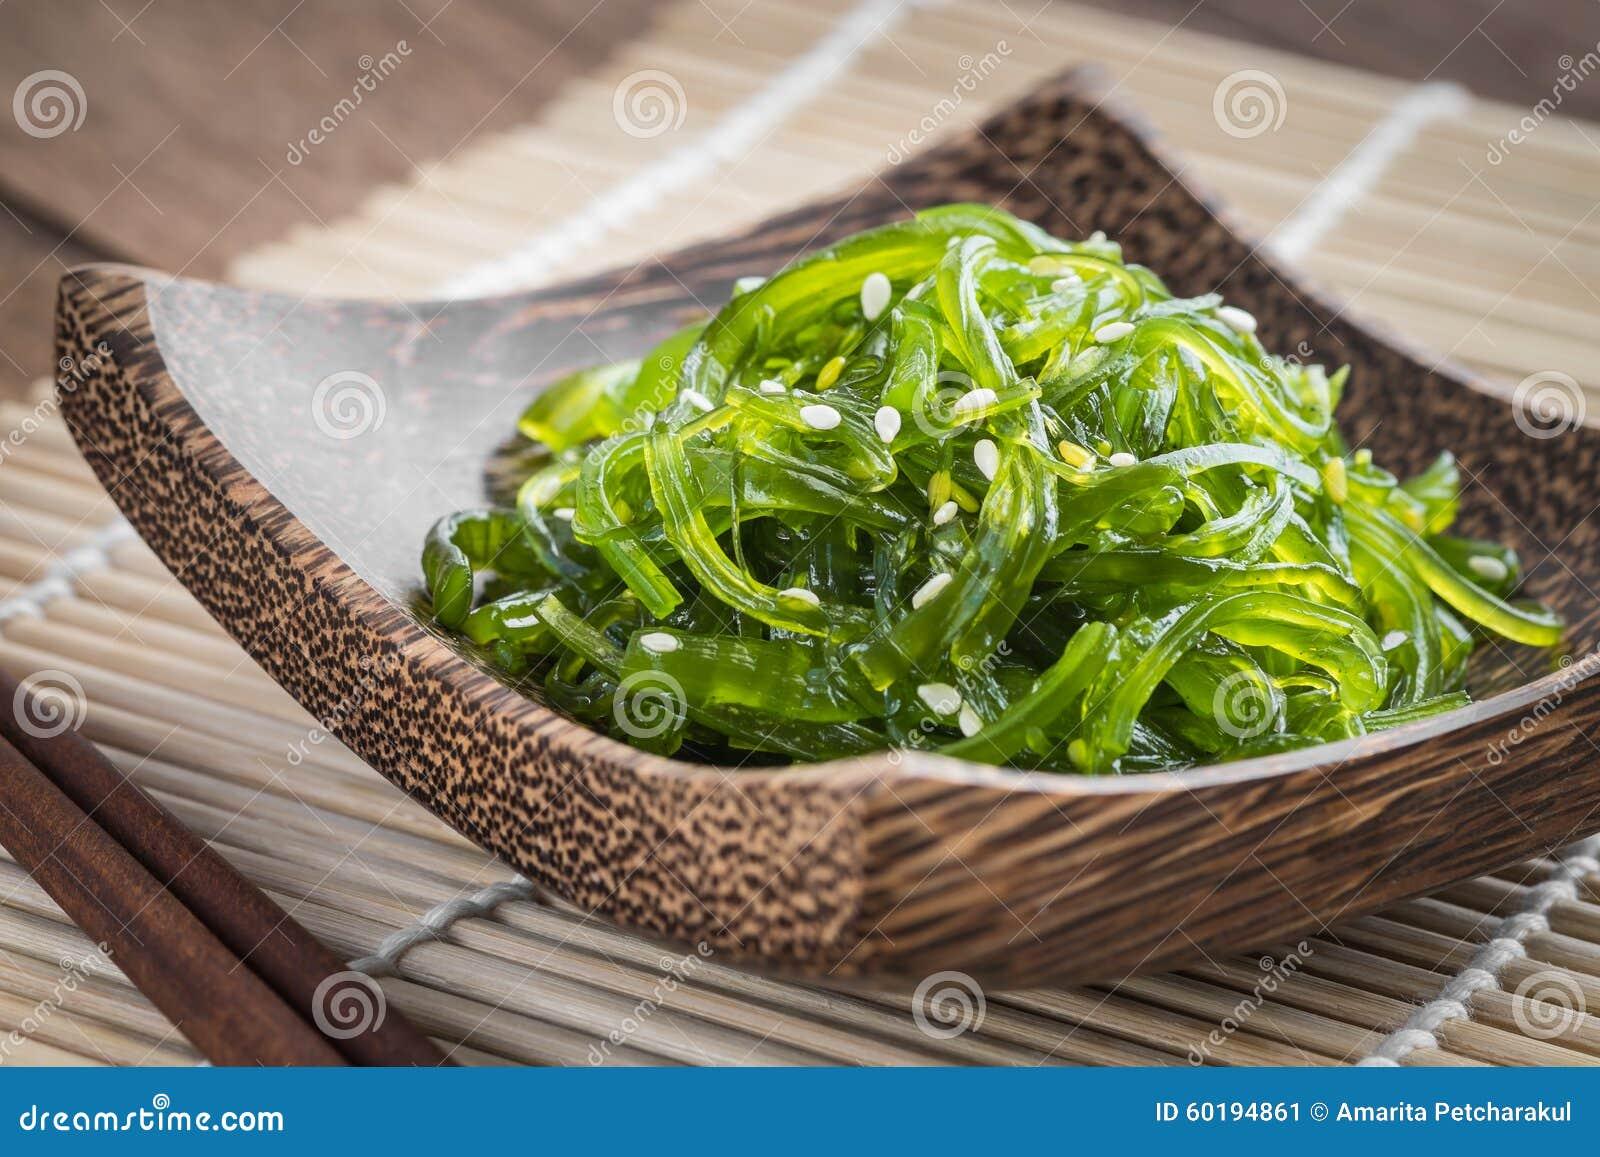 Insalata dell 39 alga sul piatto di legno cucina giapponese for Legno giapponese